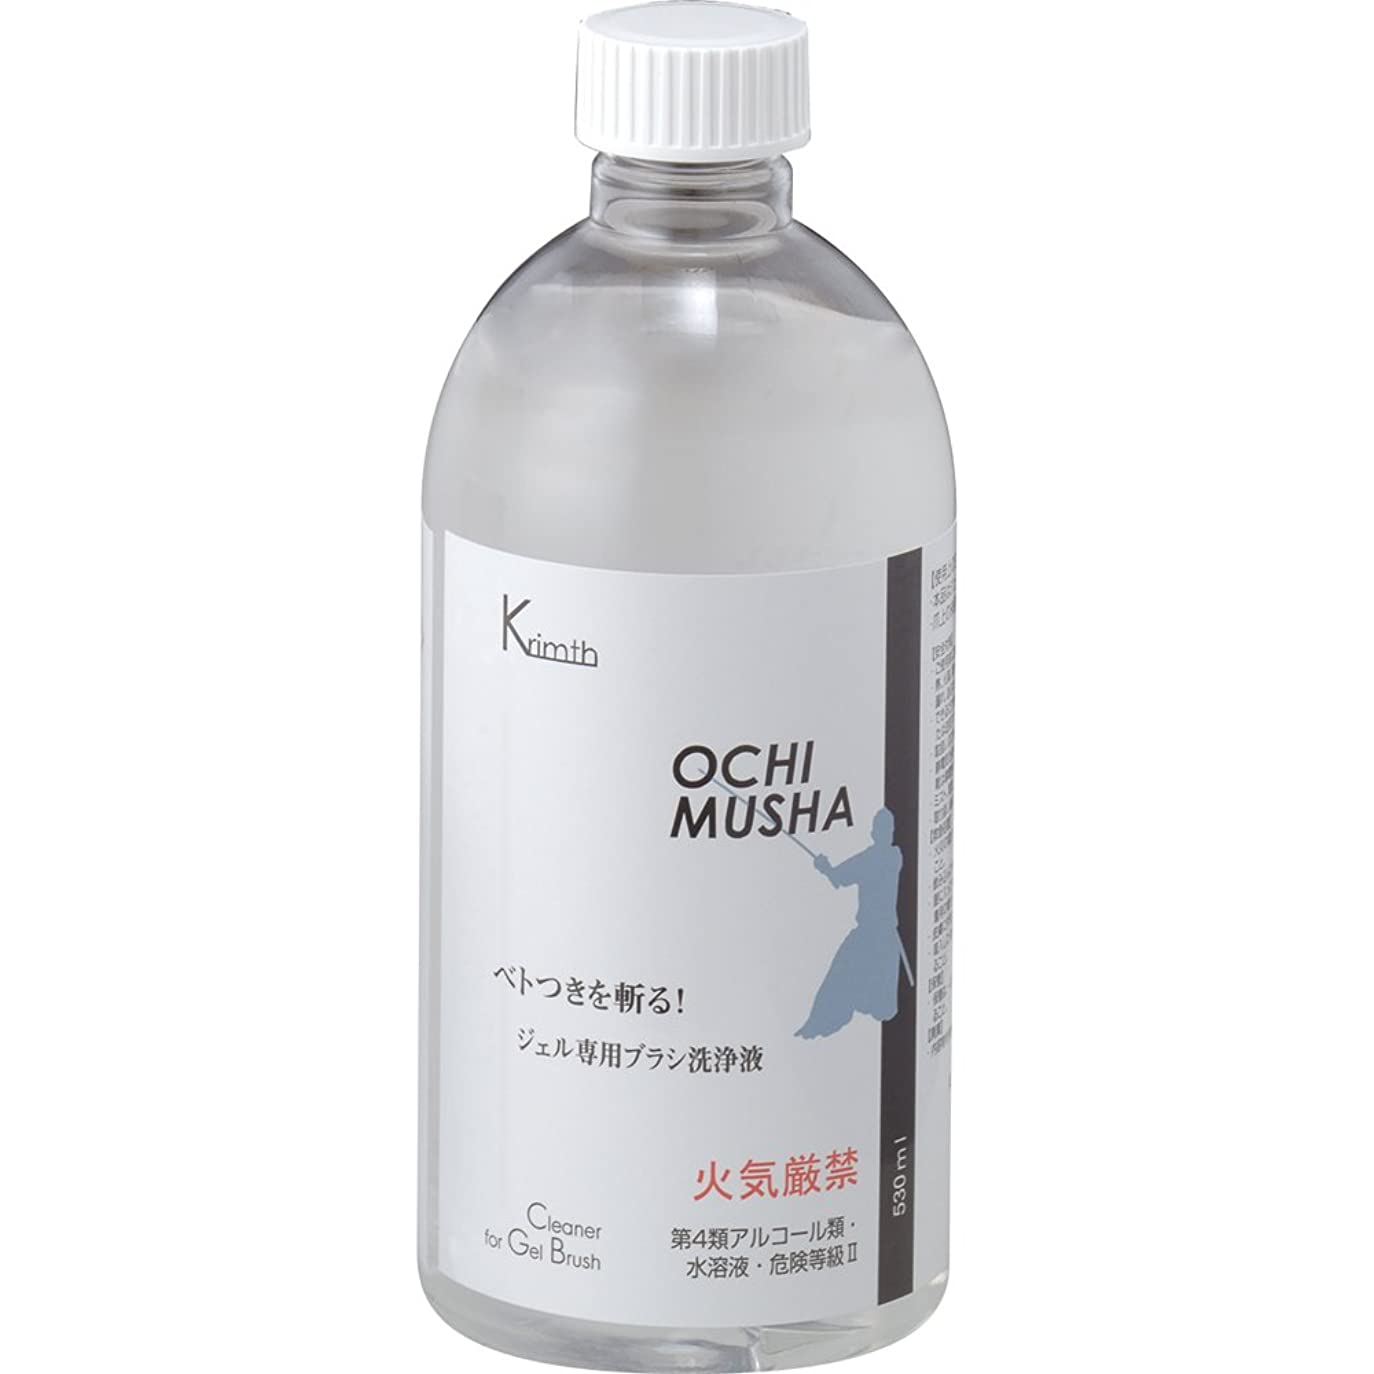 繊細そよ風呪われたKrimth Ochimusha 530ml